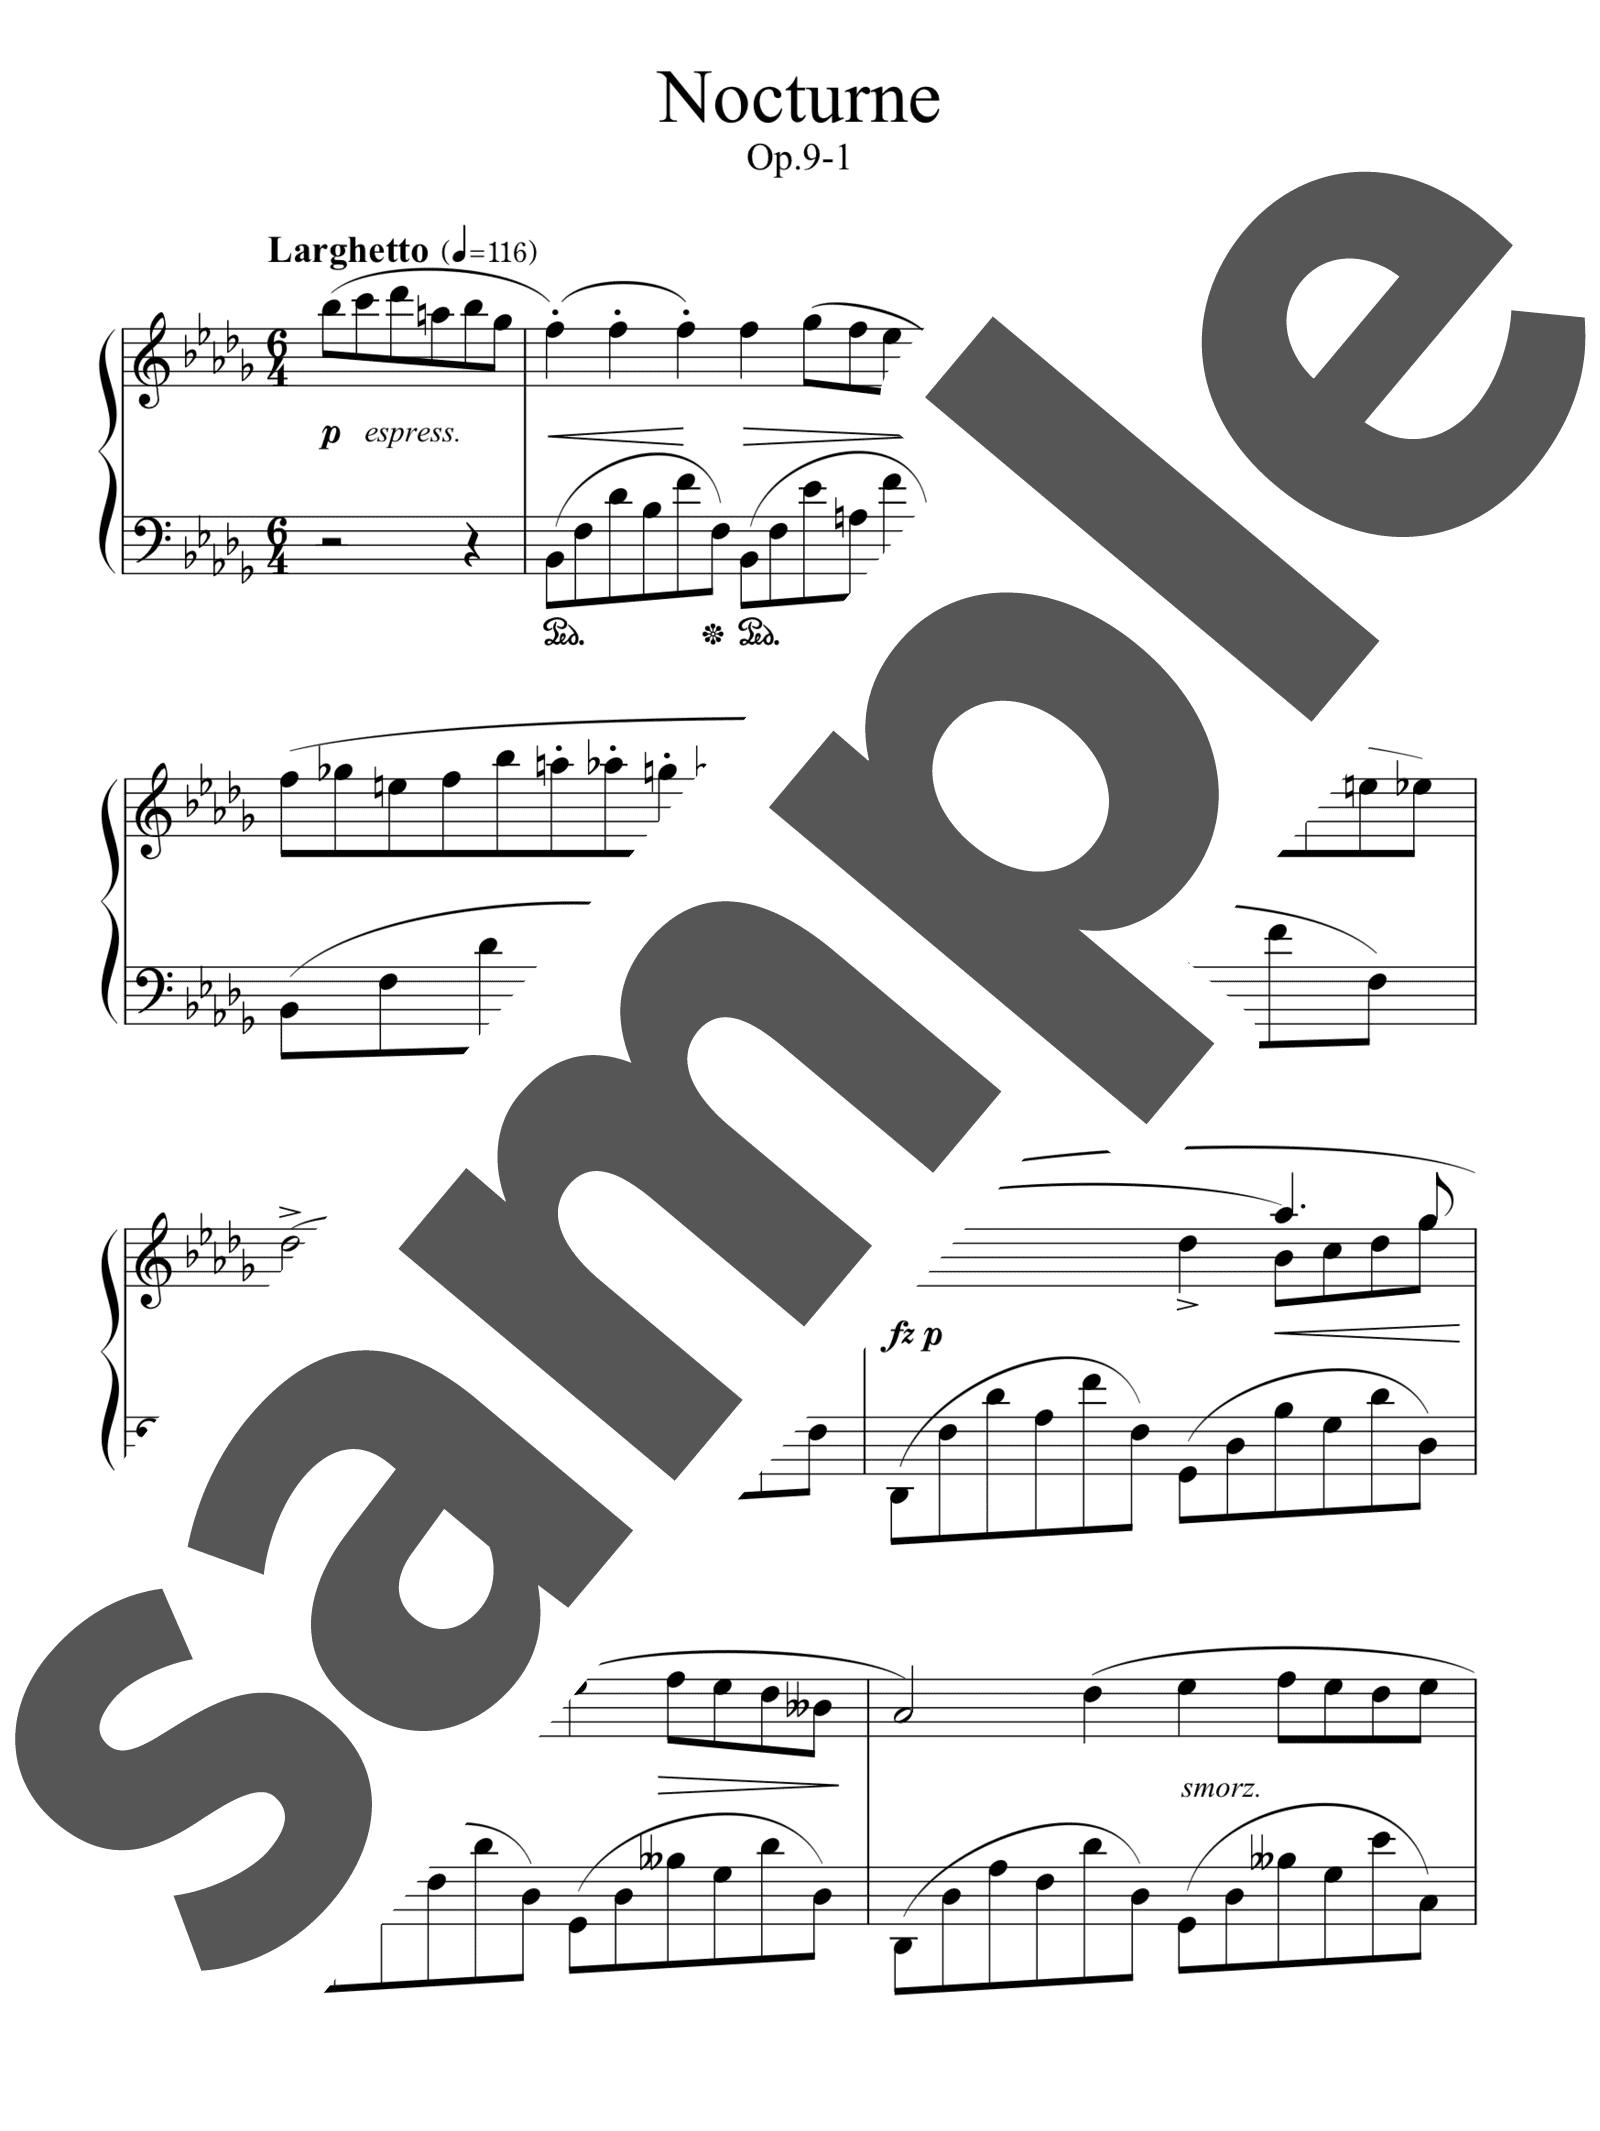 「ノクターン第1番変ロ短調 作品9-1」のサンプル楽譜